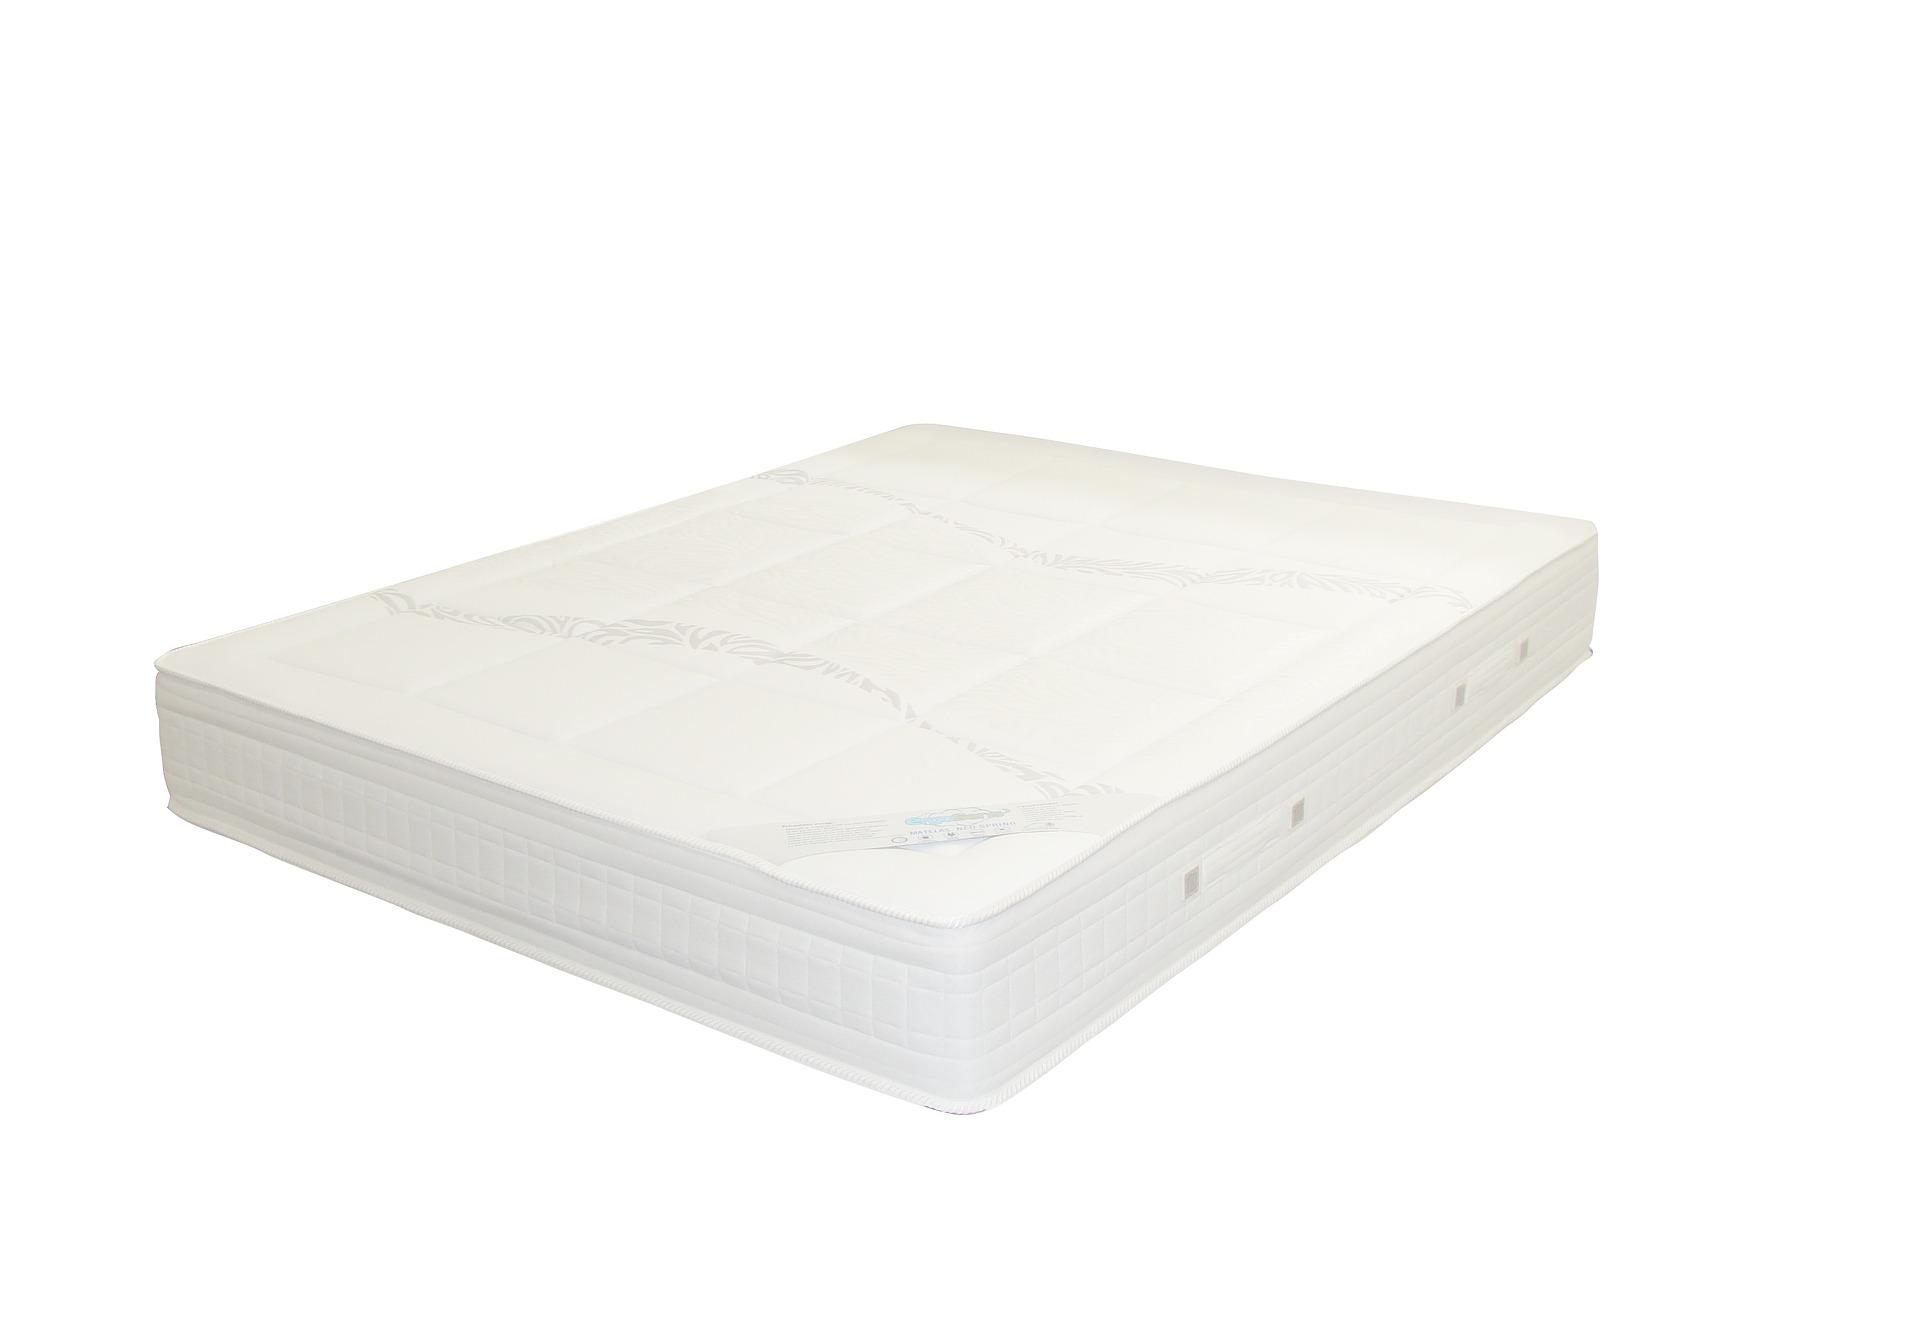 Jak najłatwiej przewieźć materac na łóżko?